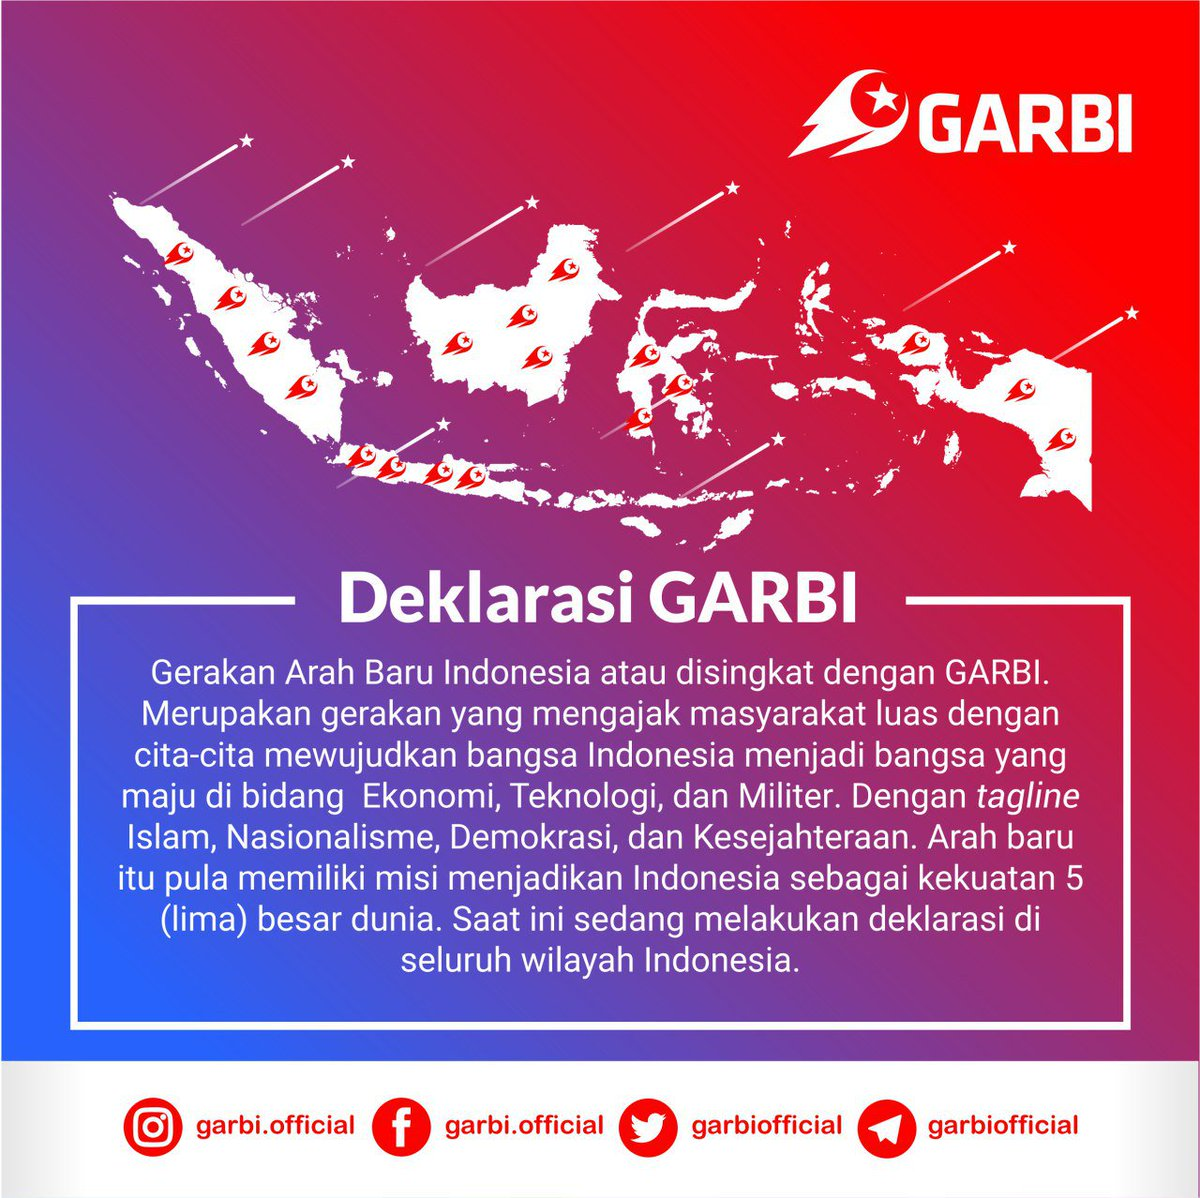 Arah Baru Indonesia On Twitter Bergerak Karena Cinta Perbedaan